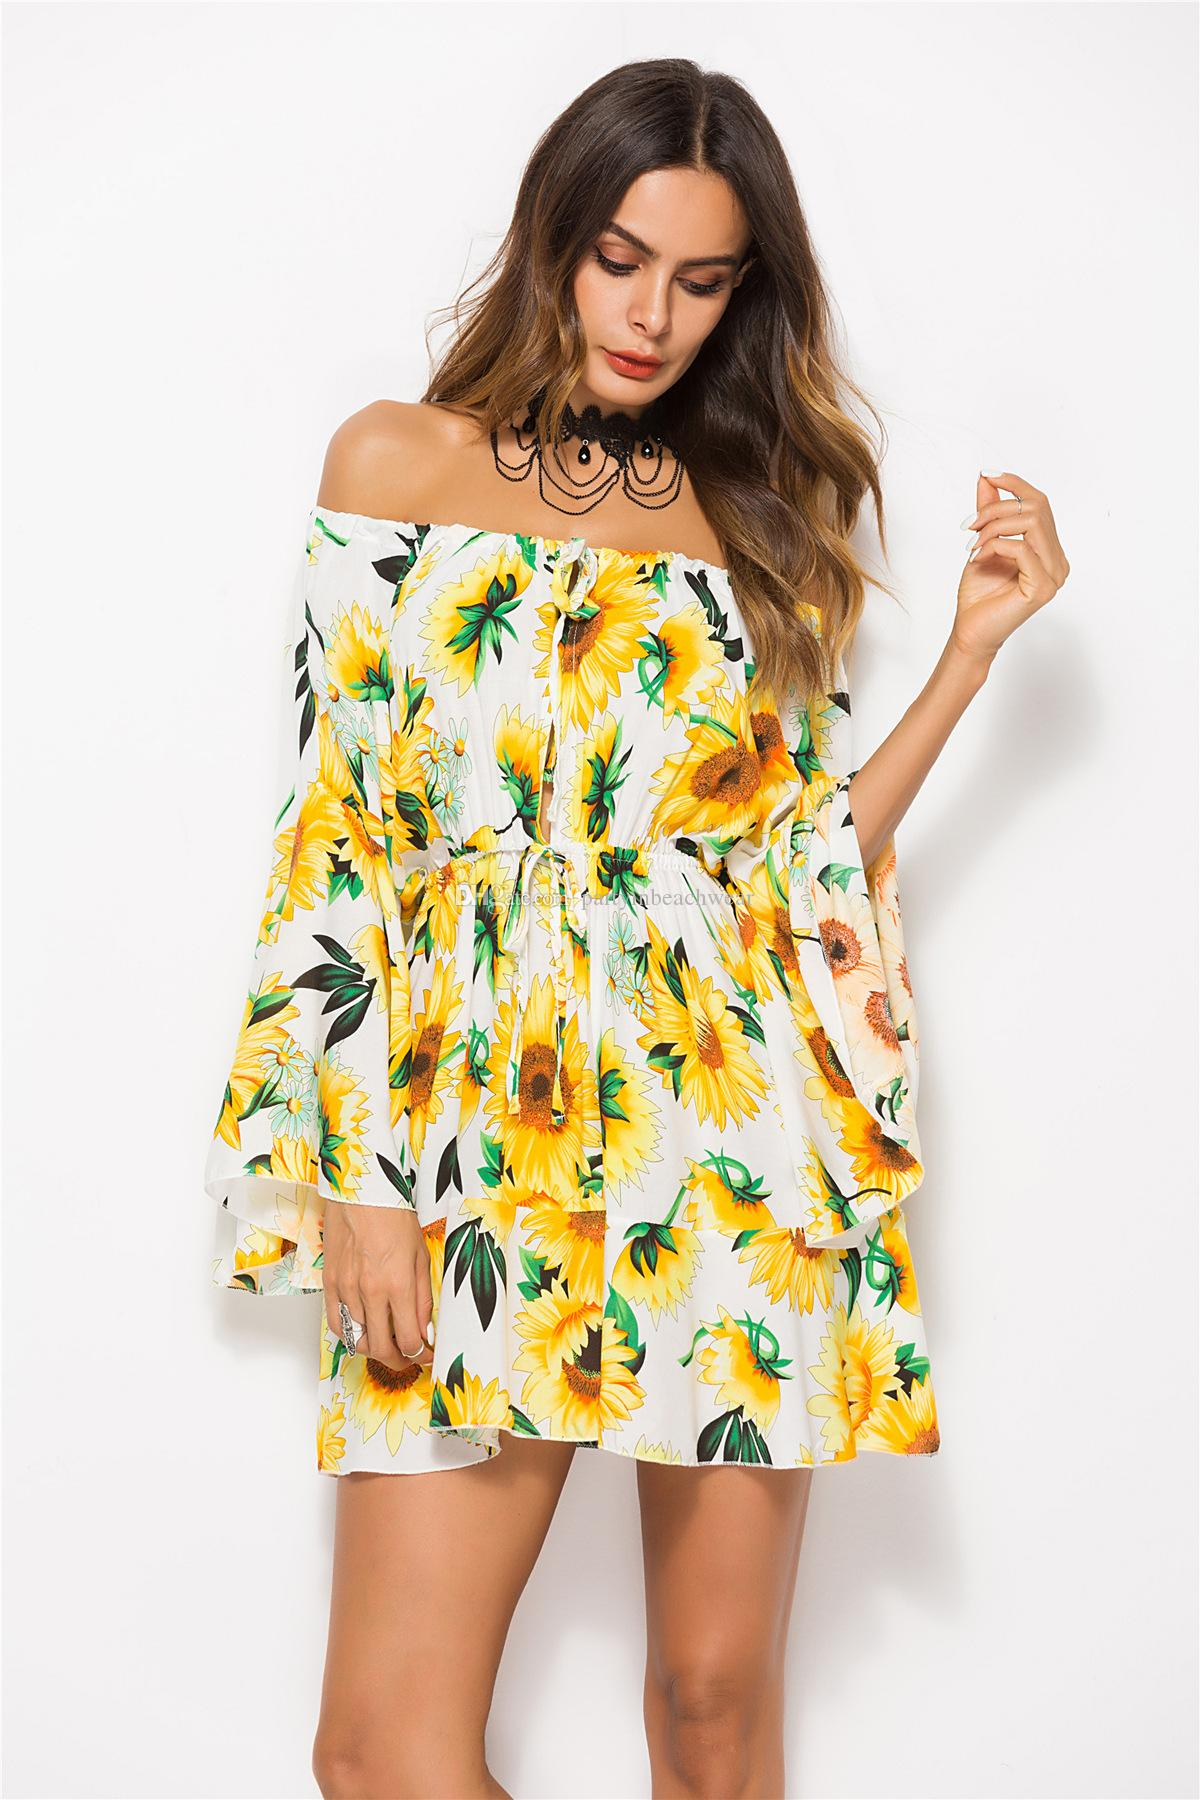 0b7532985 Mulheres verão boêmio praia dress New Tropical folha impressão floral à  beira-mar férias flare manga curta vestidos casuais festa de noite vestidos